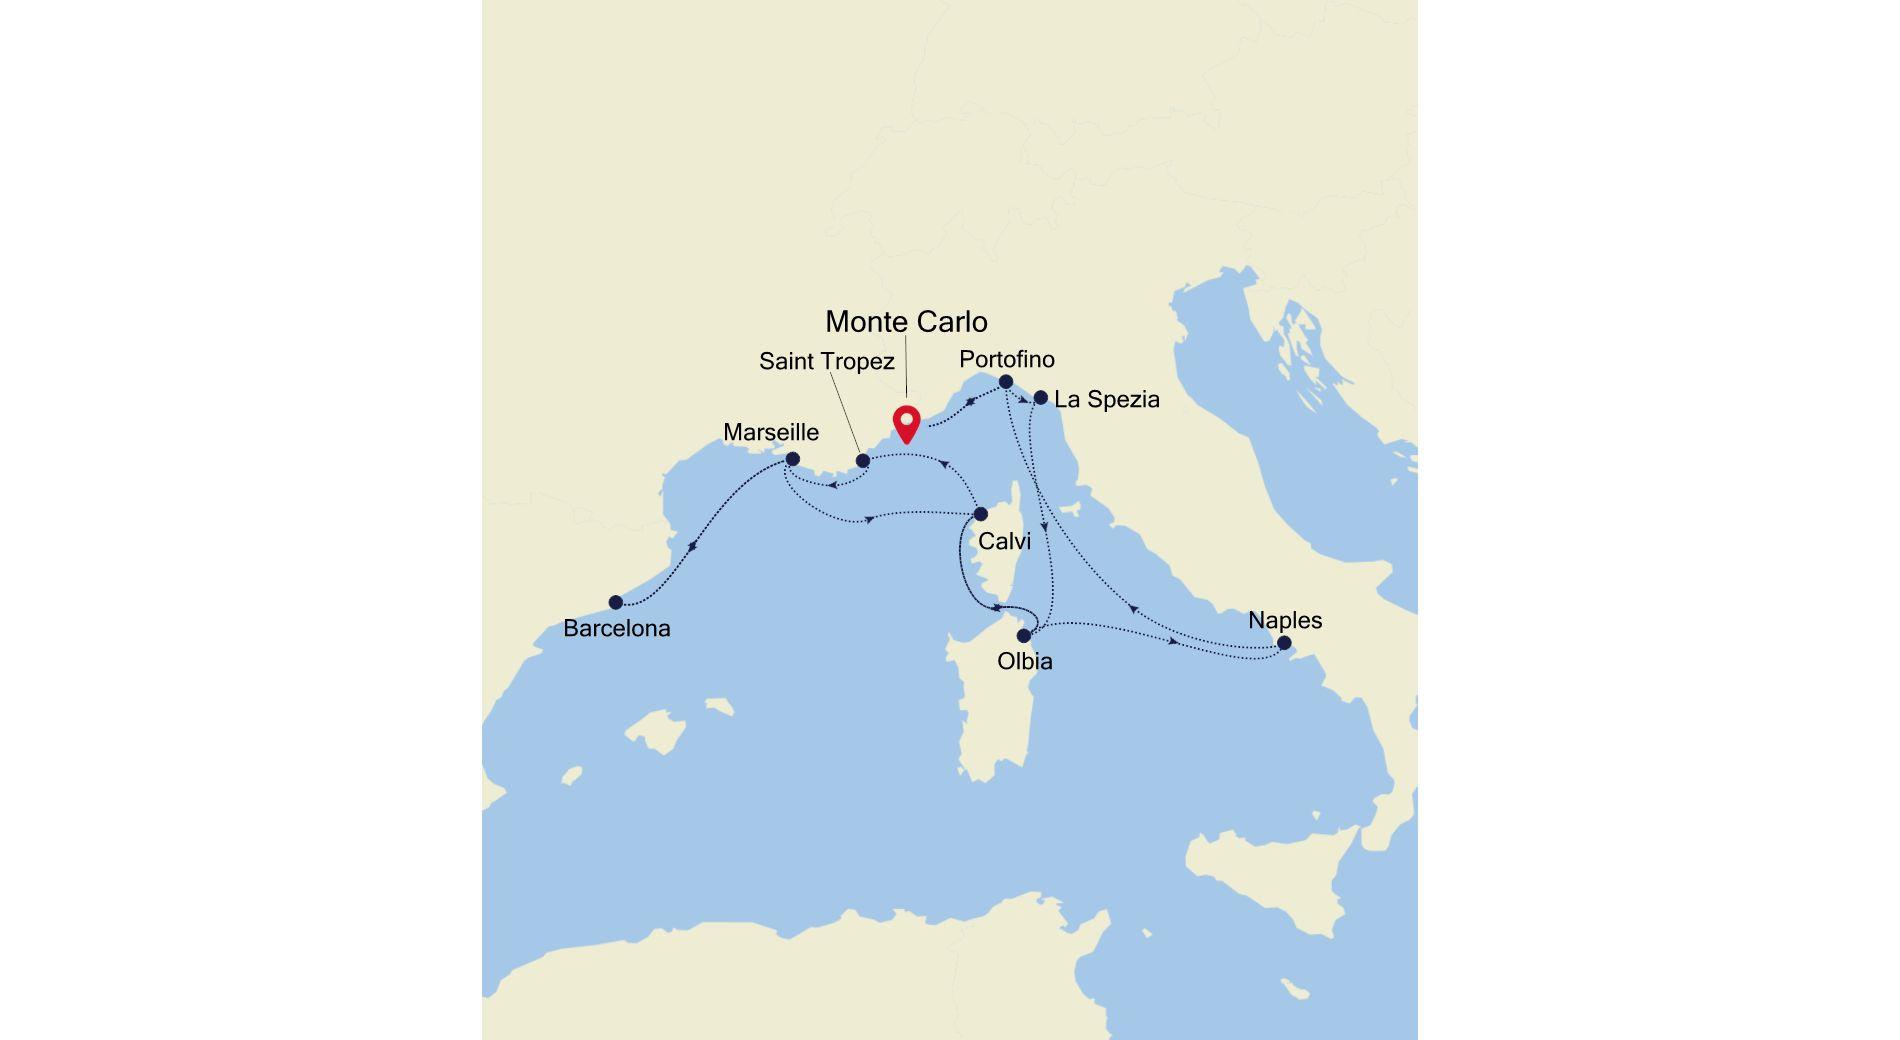 C3924 - Full West Med (MCM)